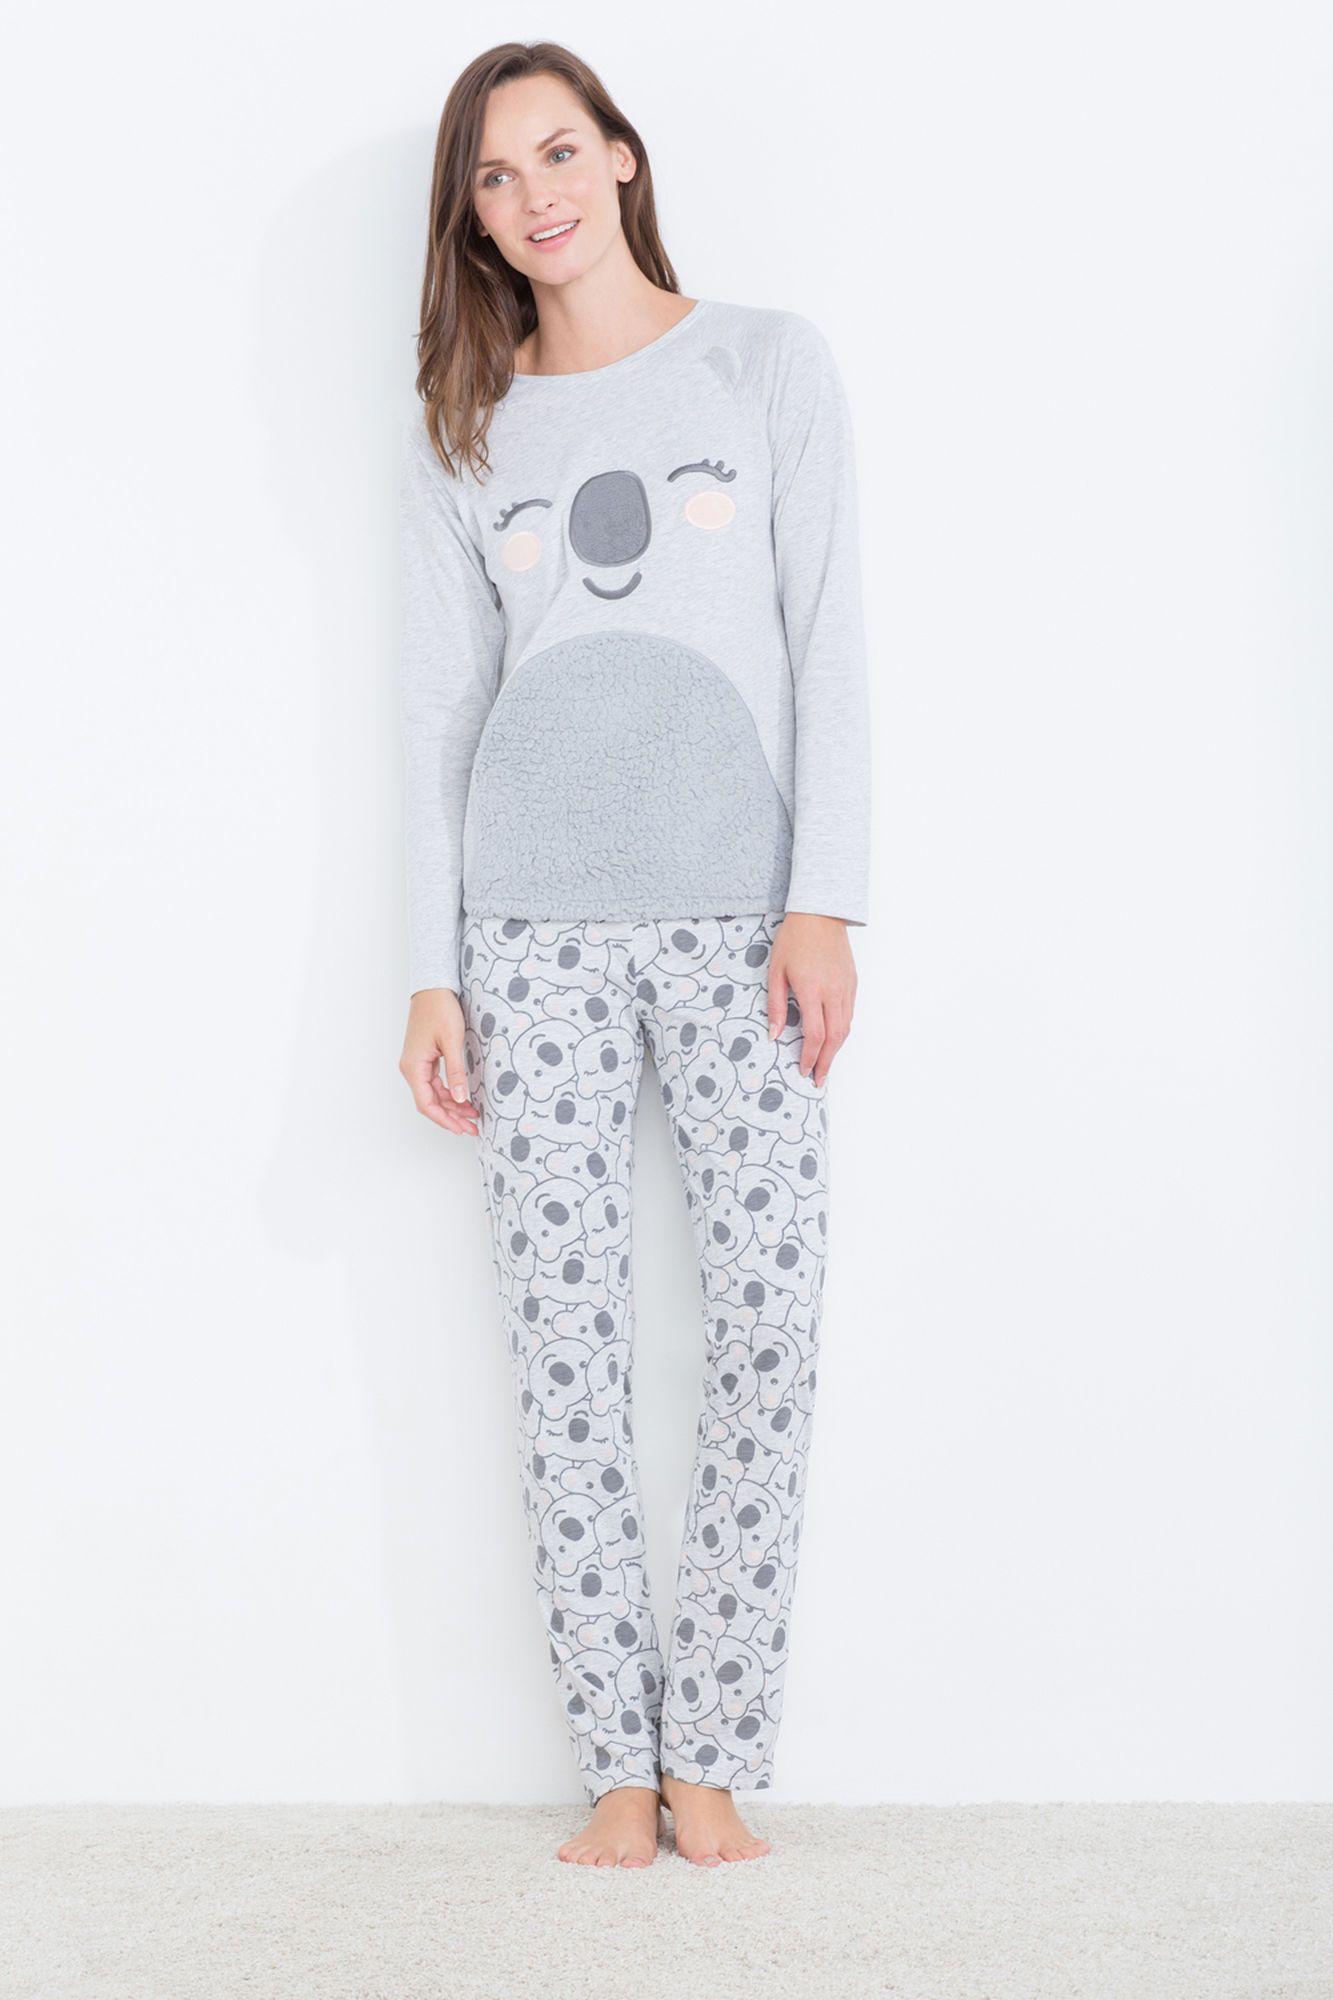 ac165e35c1 Pijama ultra suave compuesto por camiseta de manga larga con gráfico de  koala